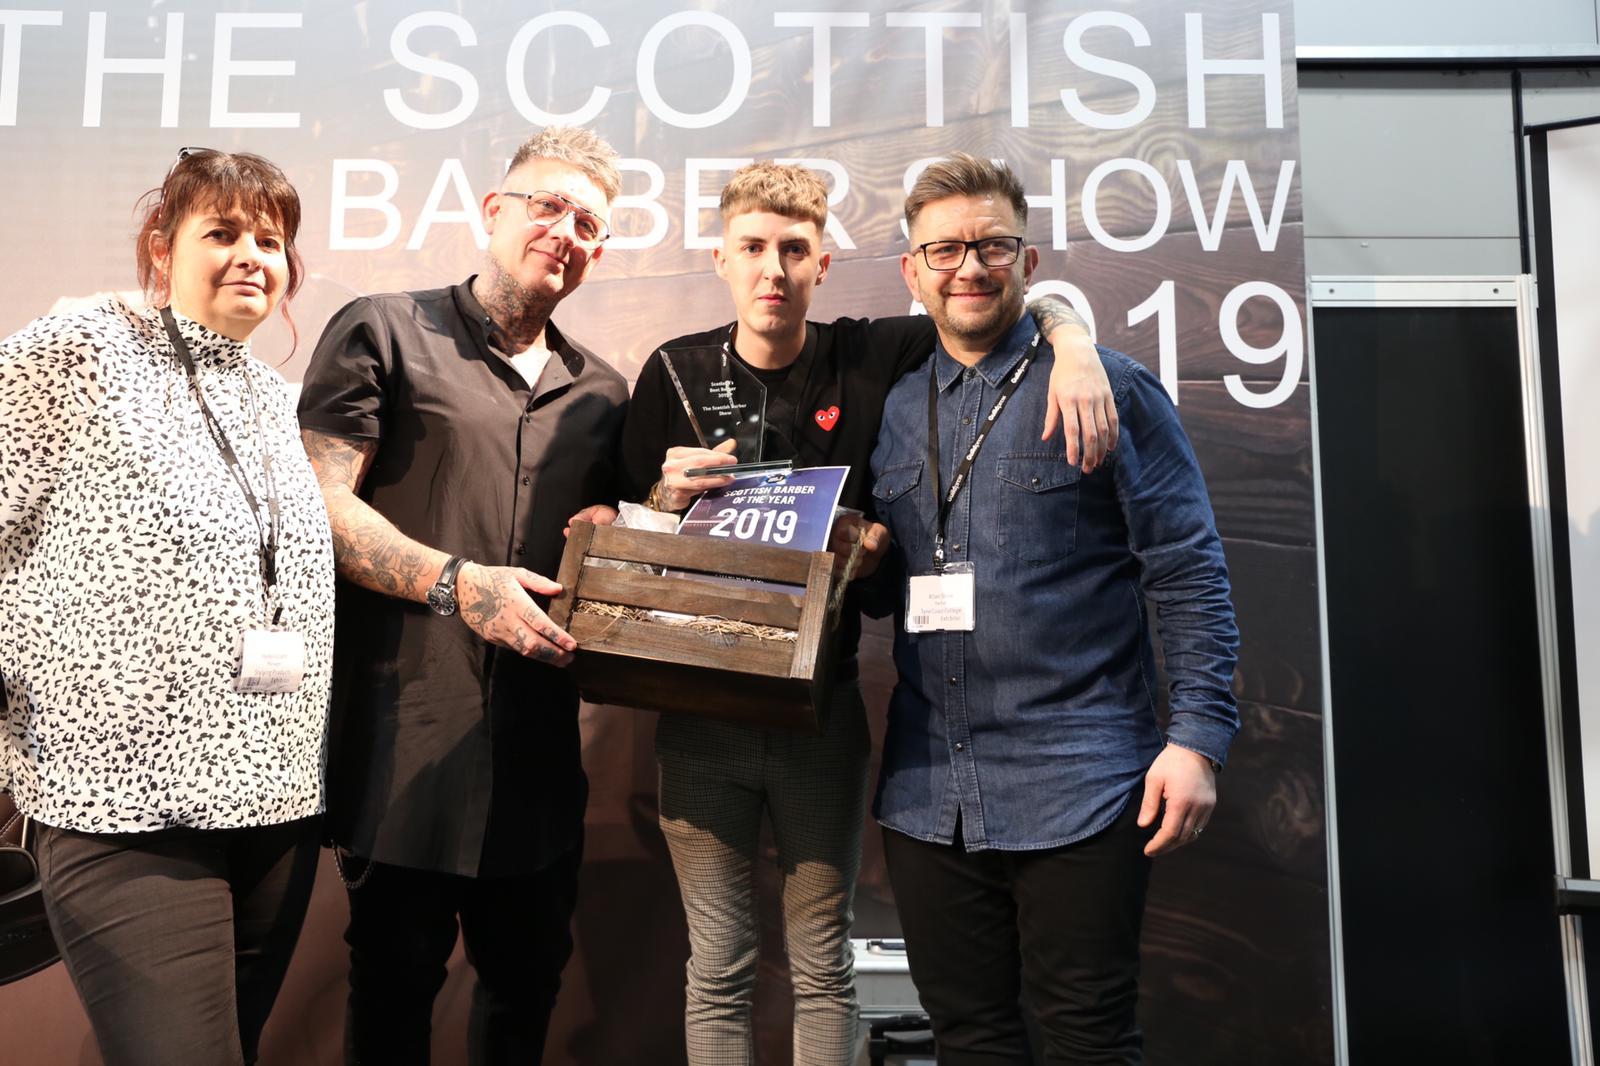 James Johnstone wins Scottish Best Barber - Modern Barber